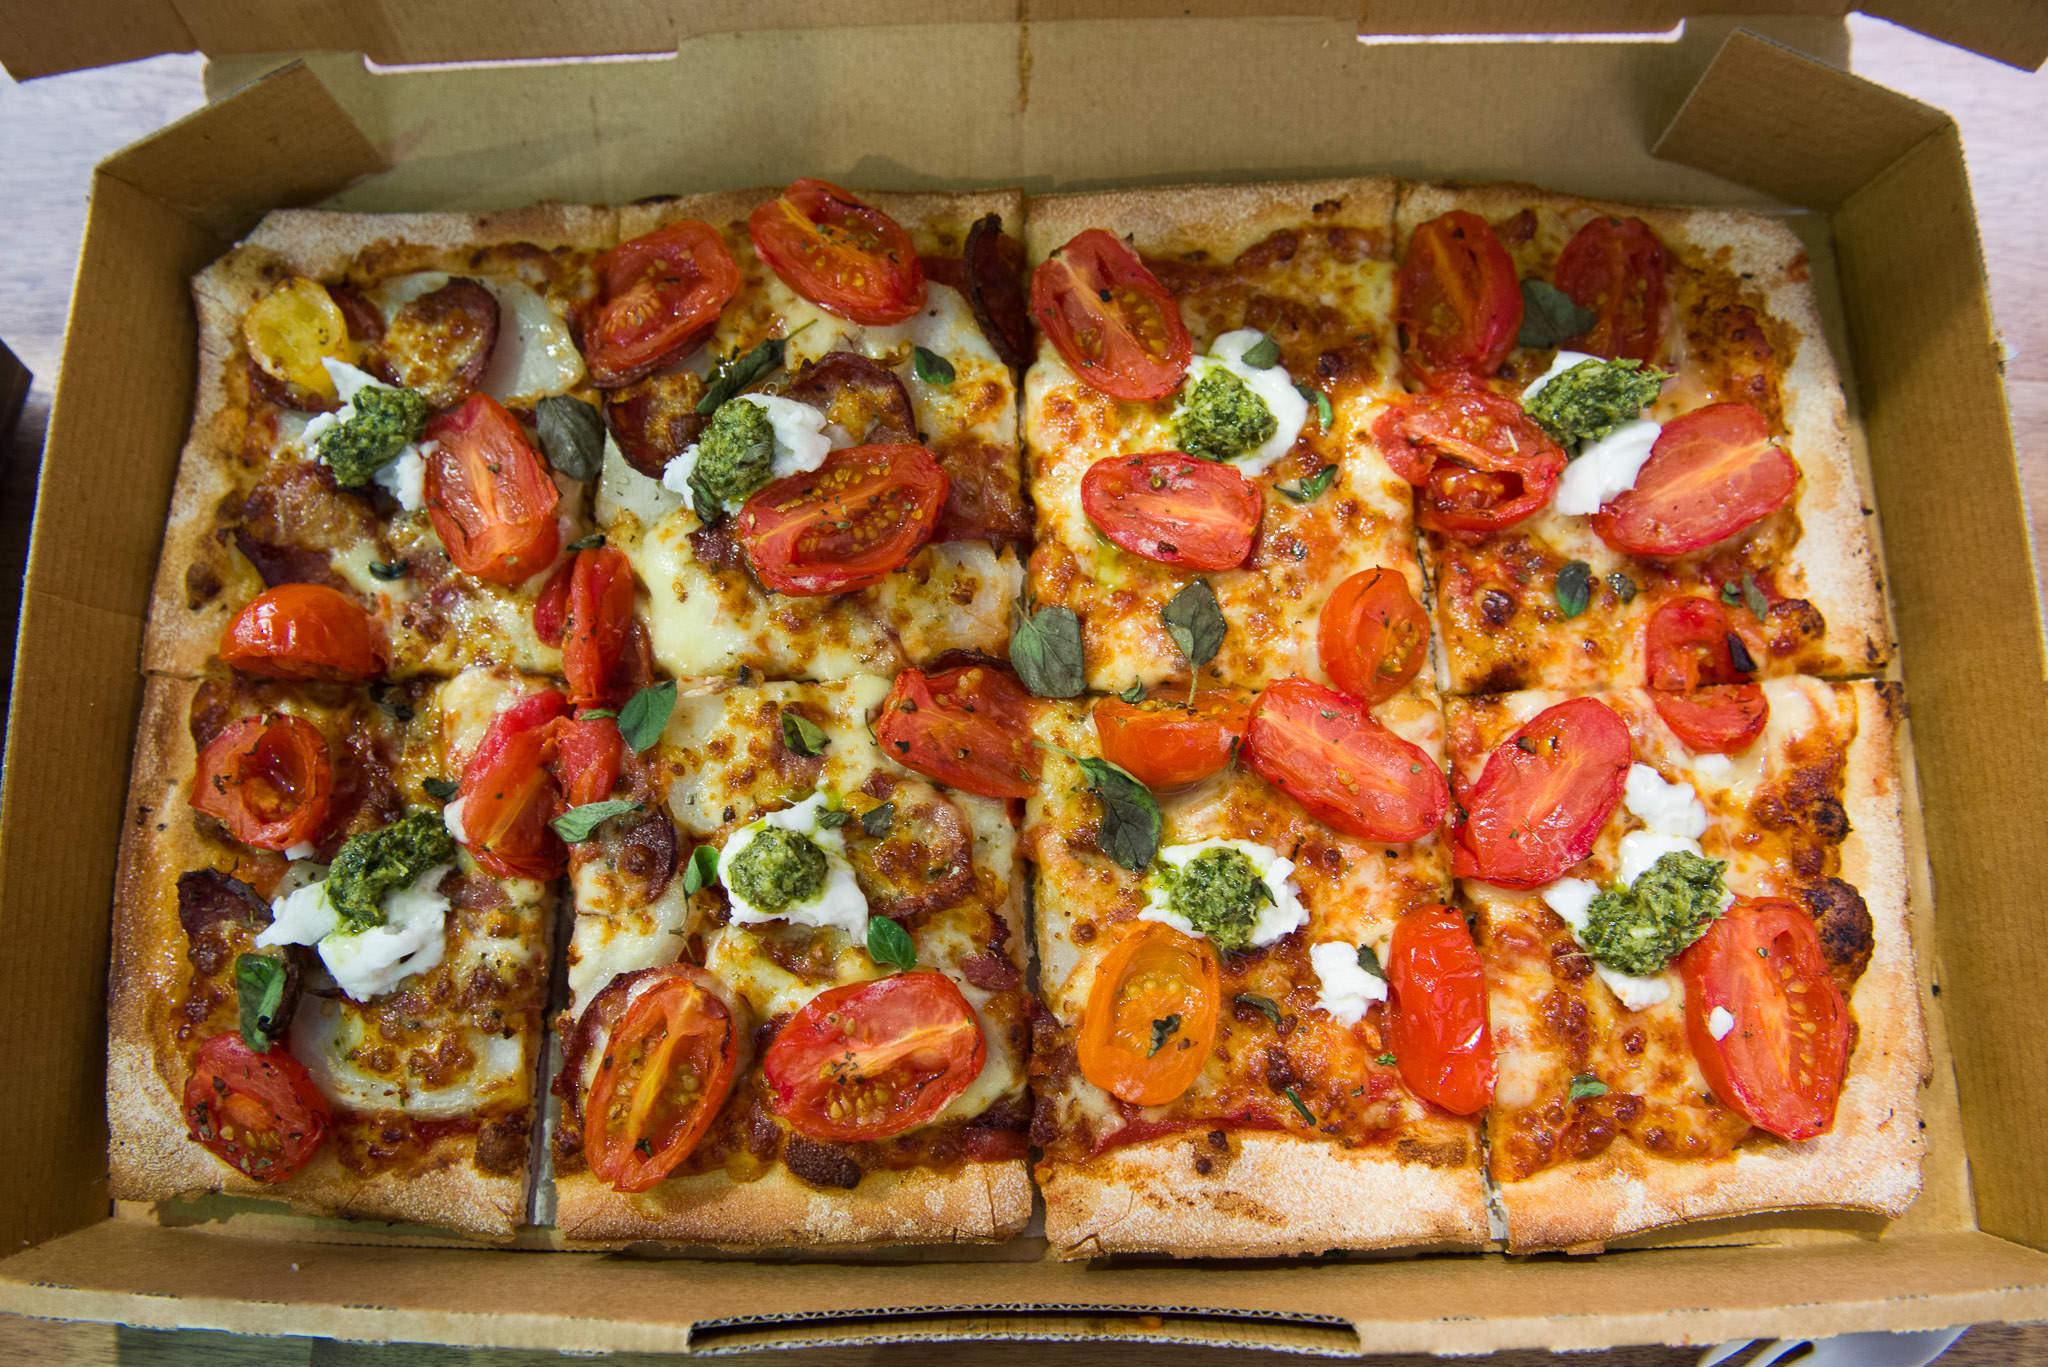 Heirloom Tomato Upper Crust Pizza (AU$19)